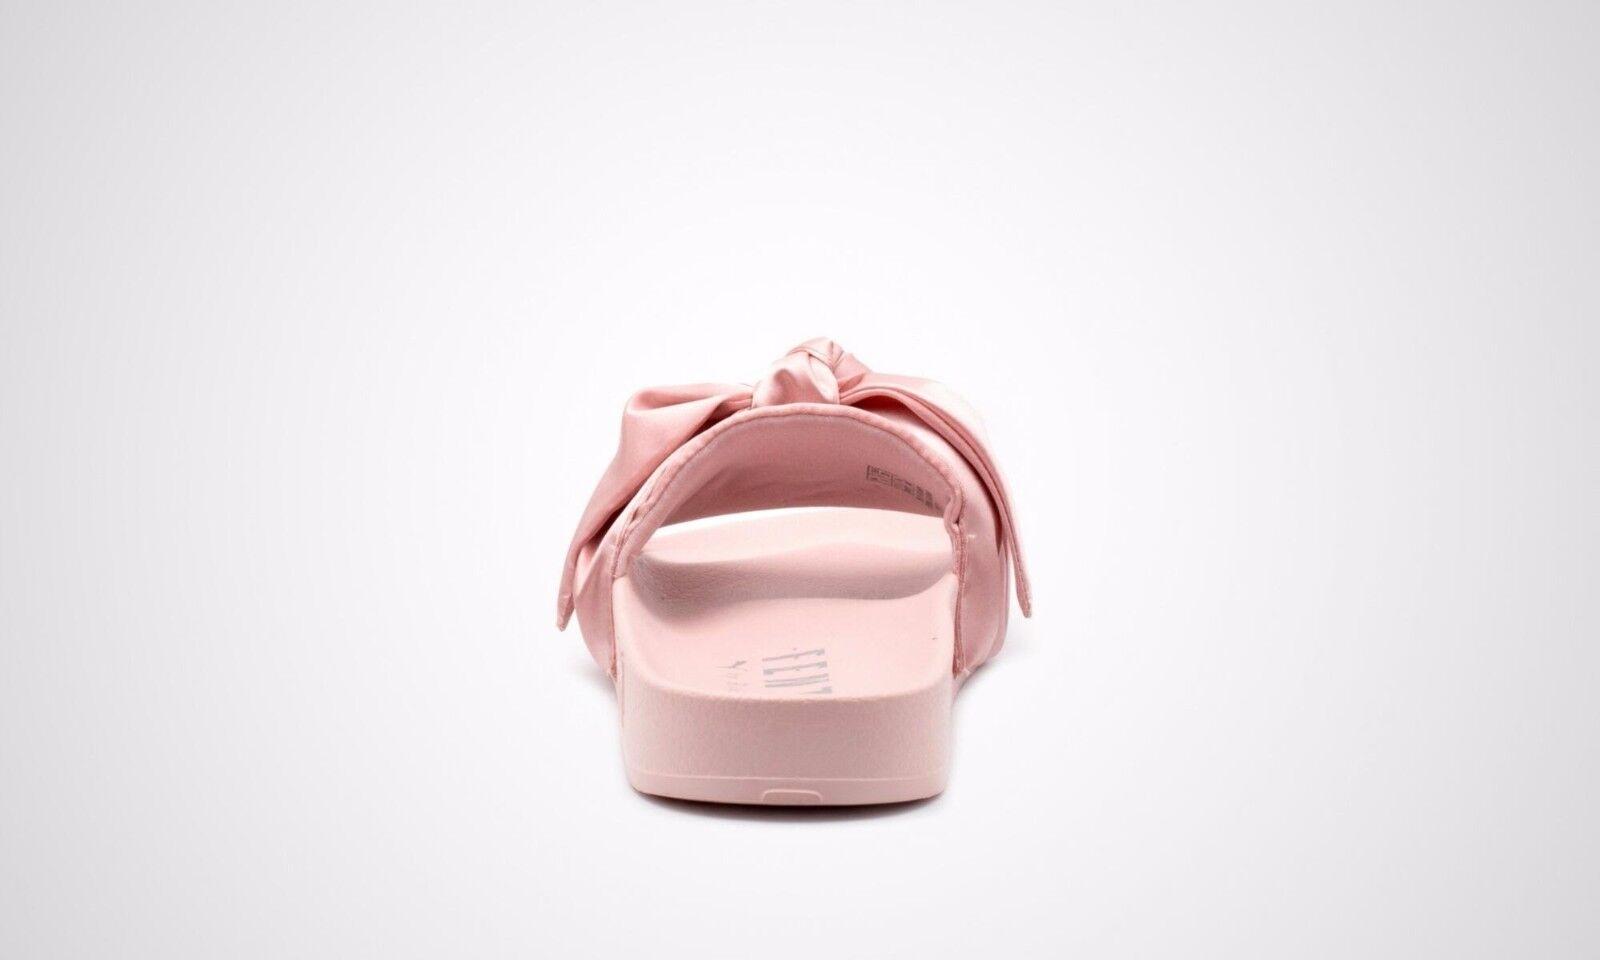 Puma x Pink-Puma Rihanna Fenty Slides Silver Pink-Puma x Silver Slippers bow 365774 03 4d1320